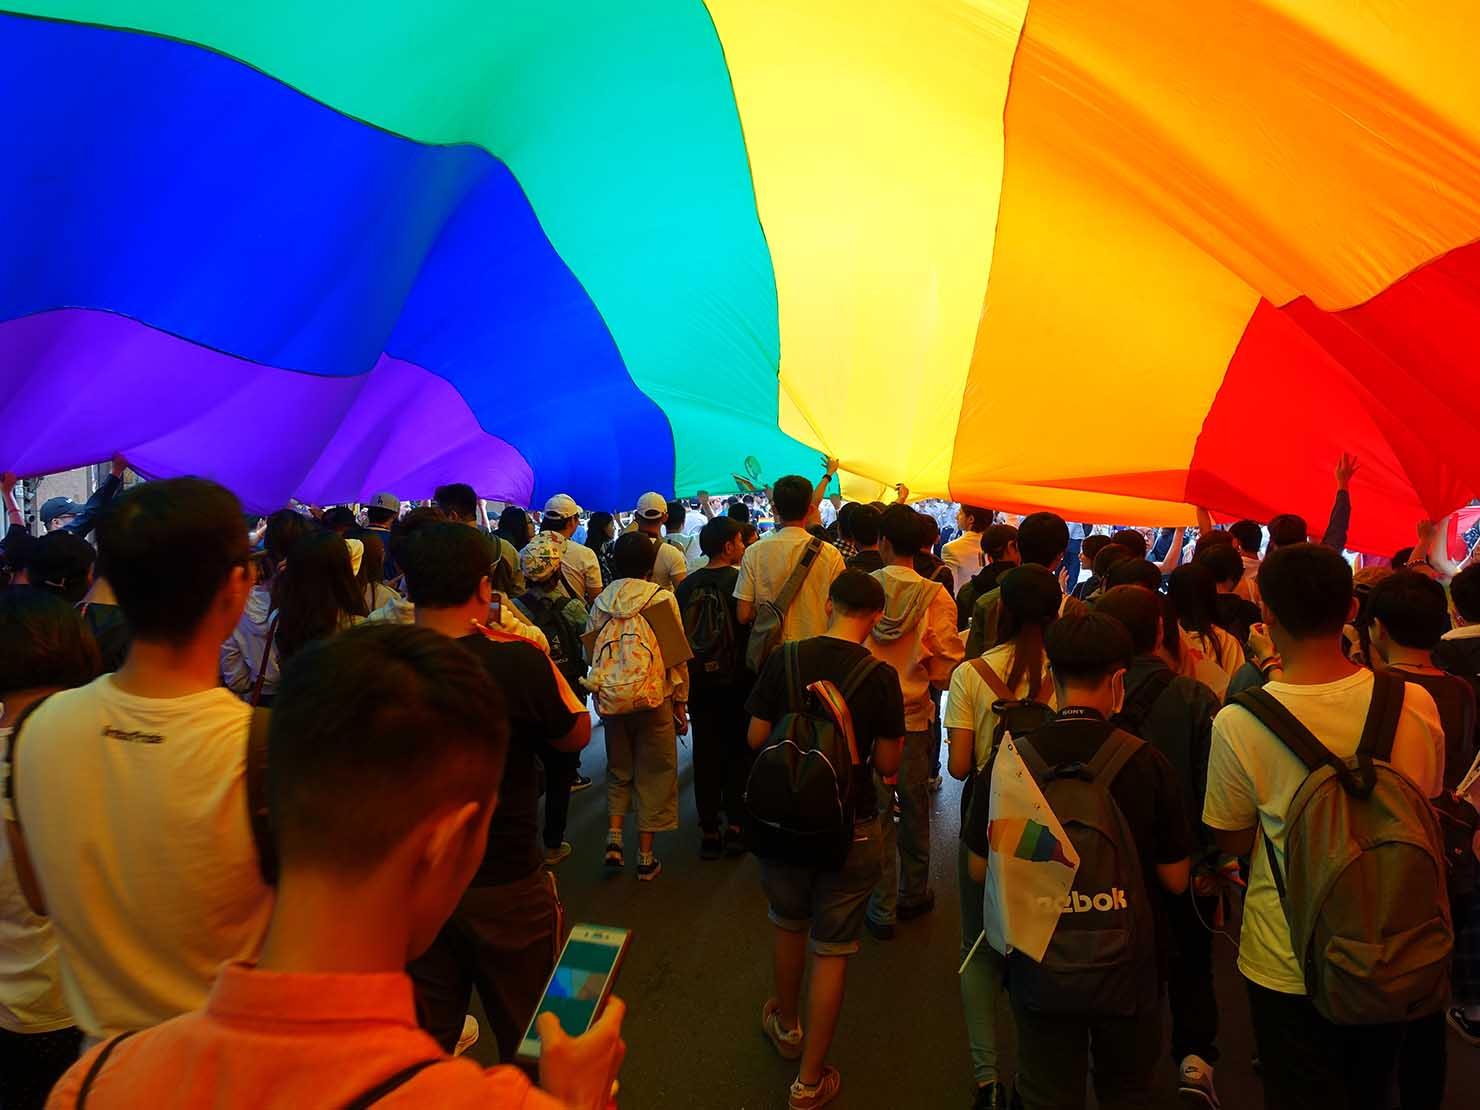 台灣同志遊行(台湾LGBTプライド)2018で道路を覆い尽くす特大レインボーフラッグ内部